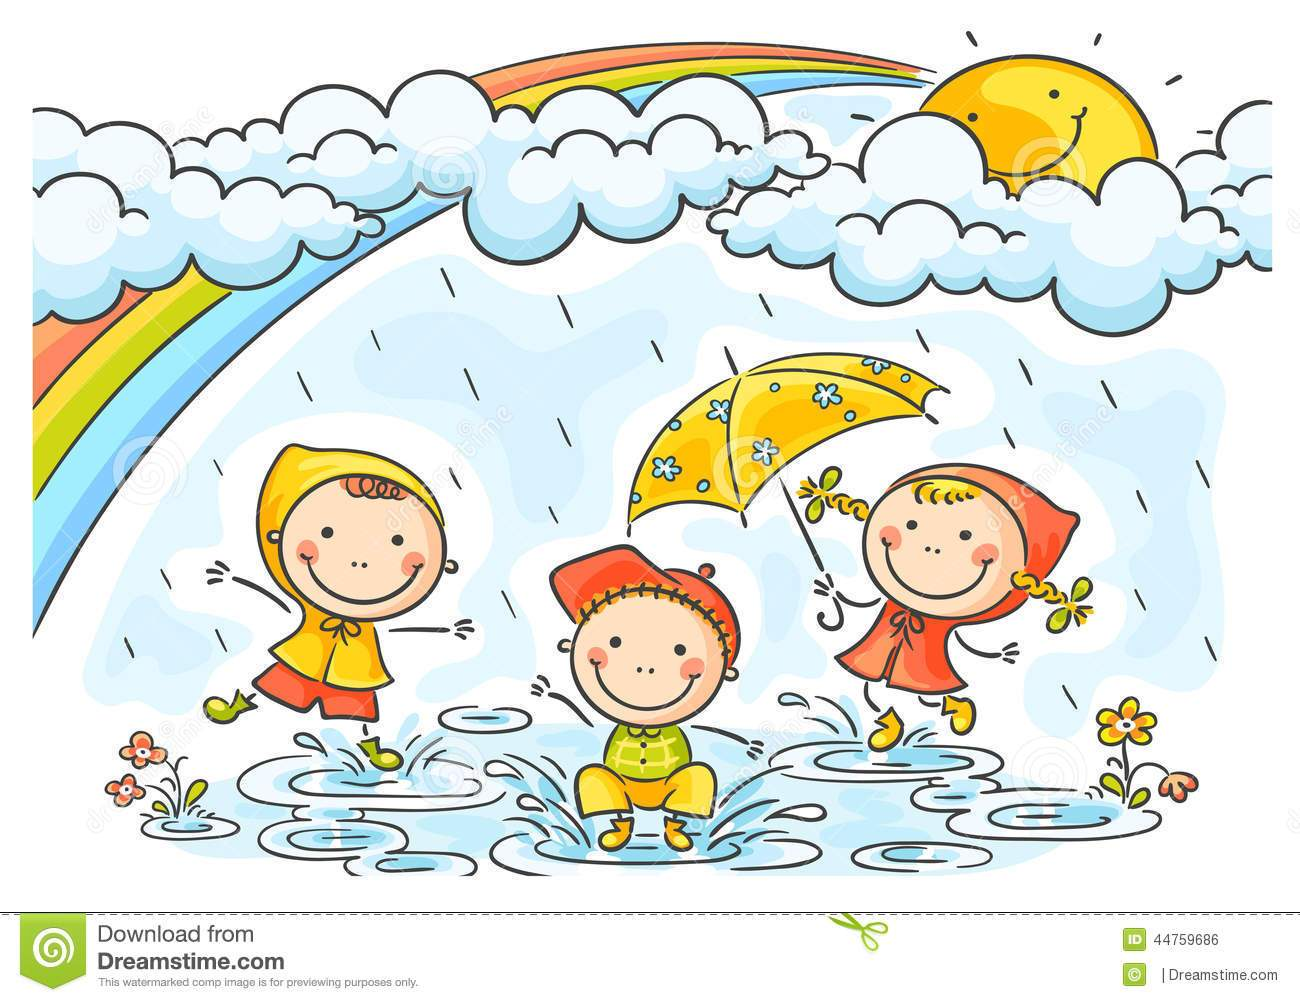 Happy rainy day clipart » Clipart Portal.